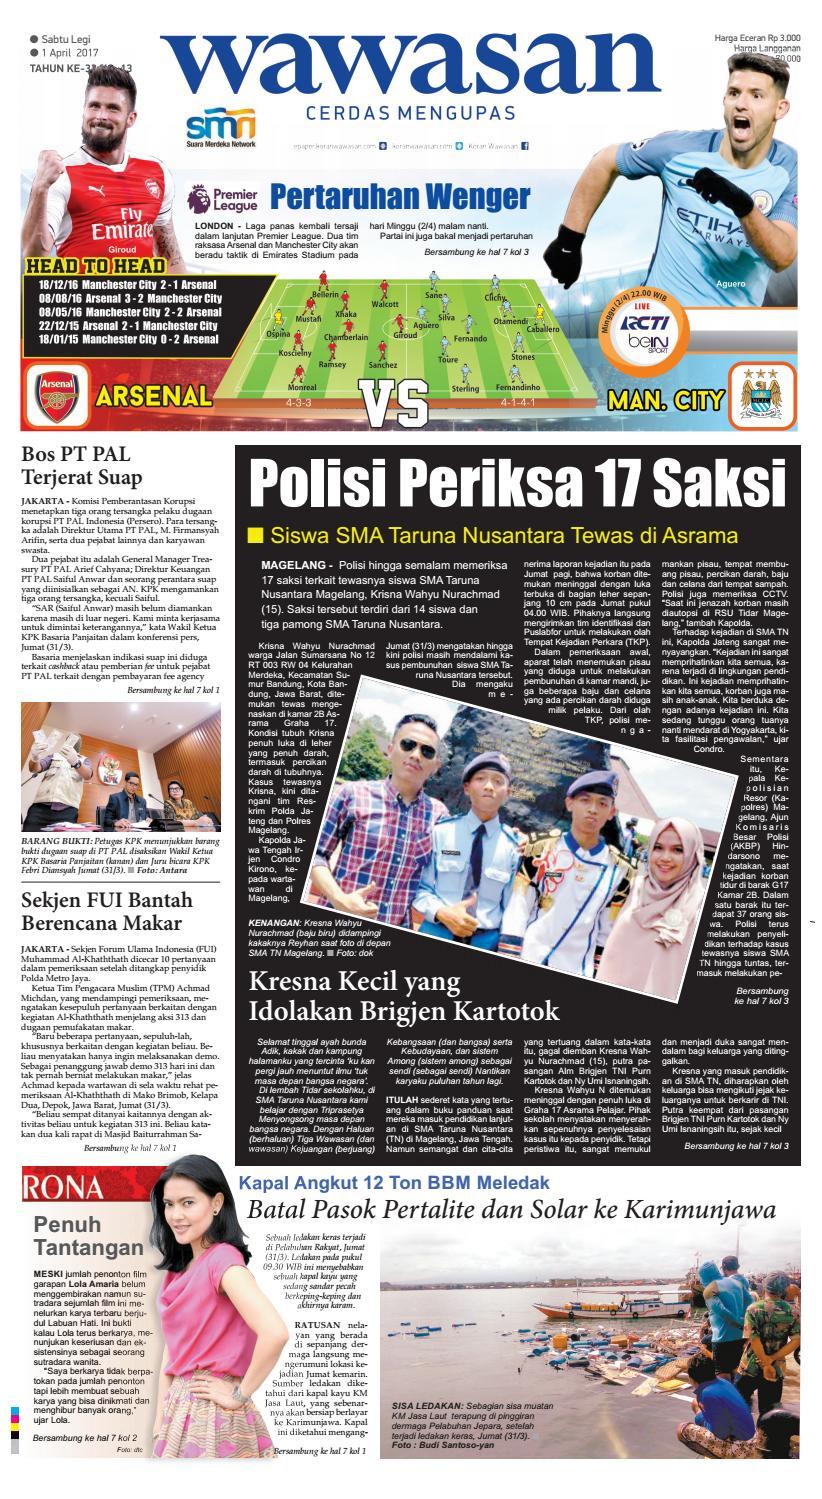 Wawasan 01 April 2017 By Koran Pagi Issuu Produk Ukm Bumn Batik Tulis Babon Angrem